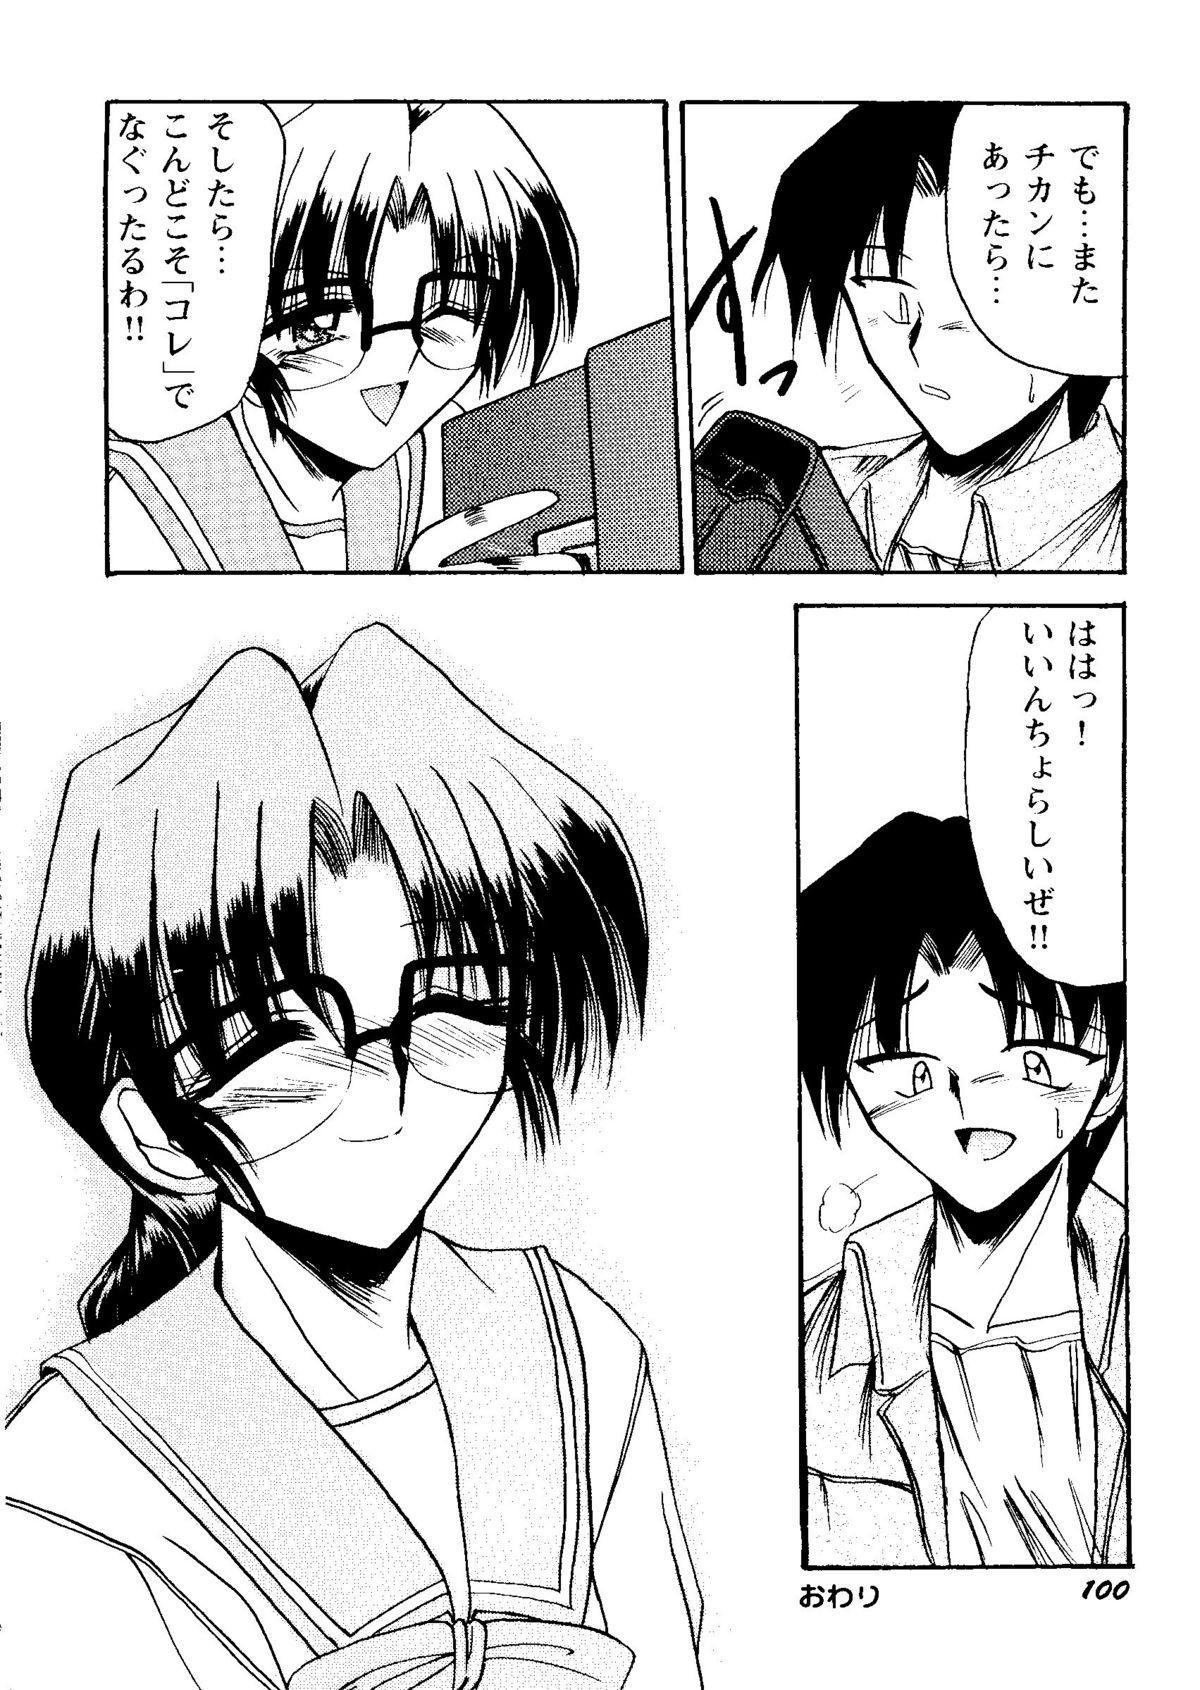 Bishoujo Doujinshi Anthology Cute 2 101